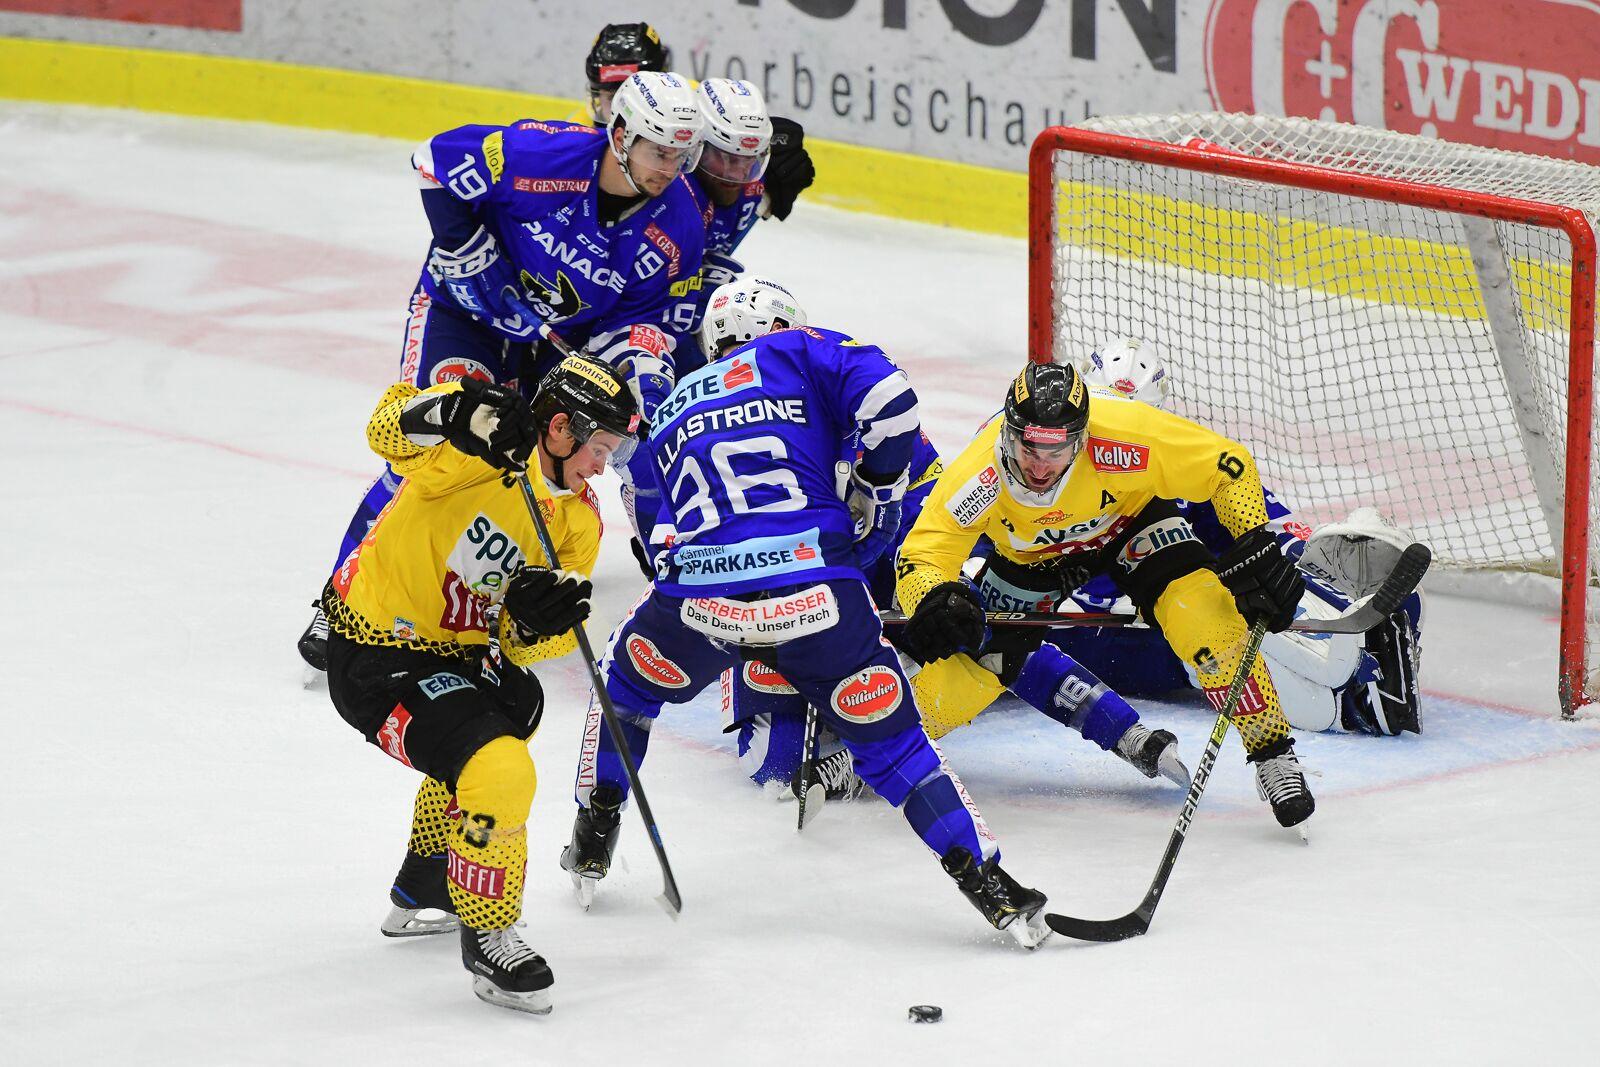 Bild von 2:5 Niederlage in Wien